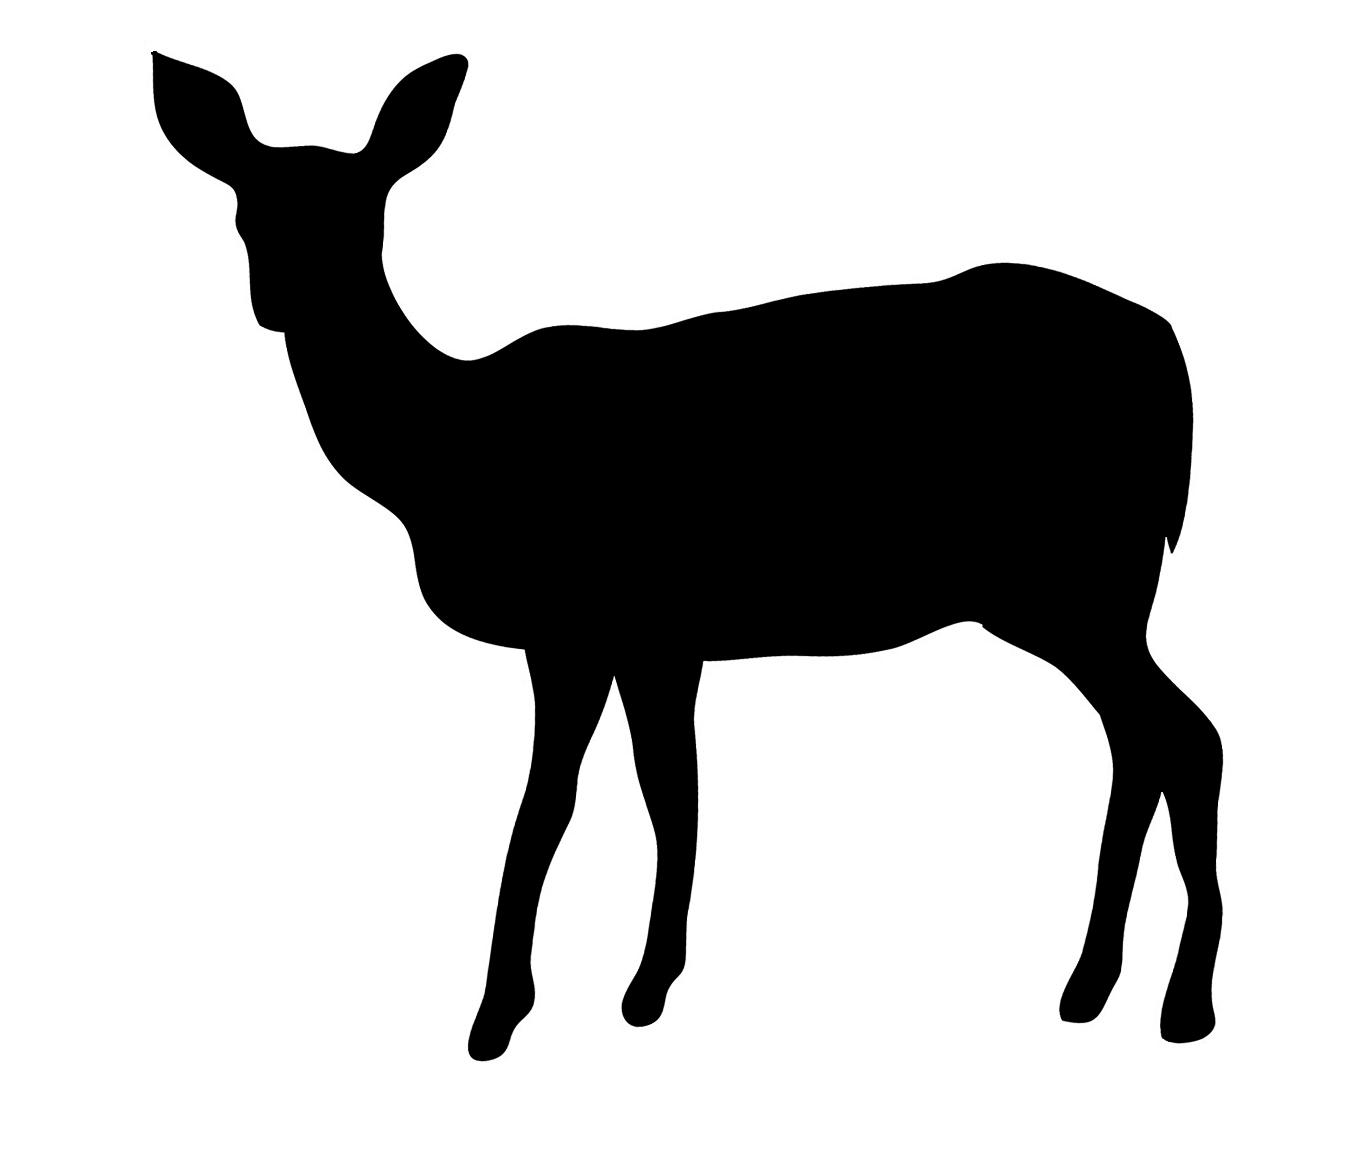 deer silhouette black frontal looking